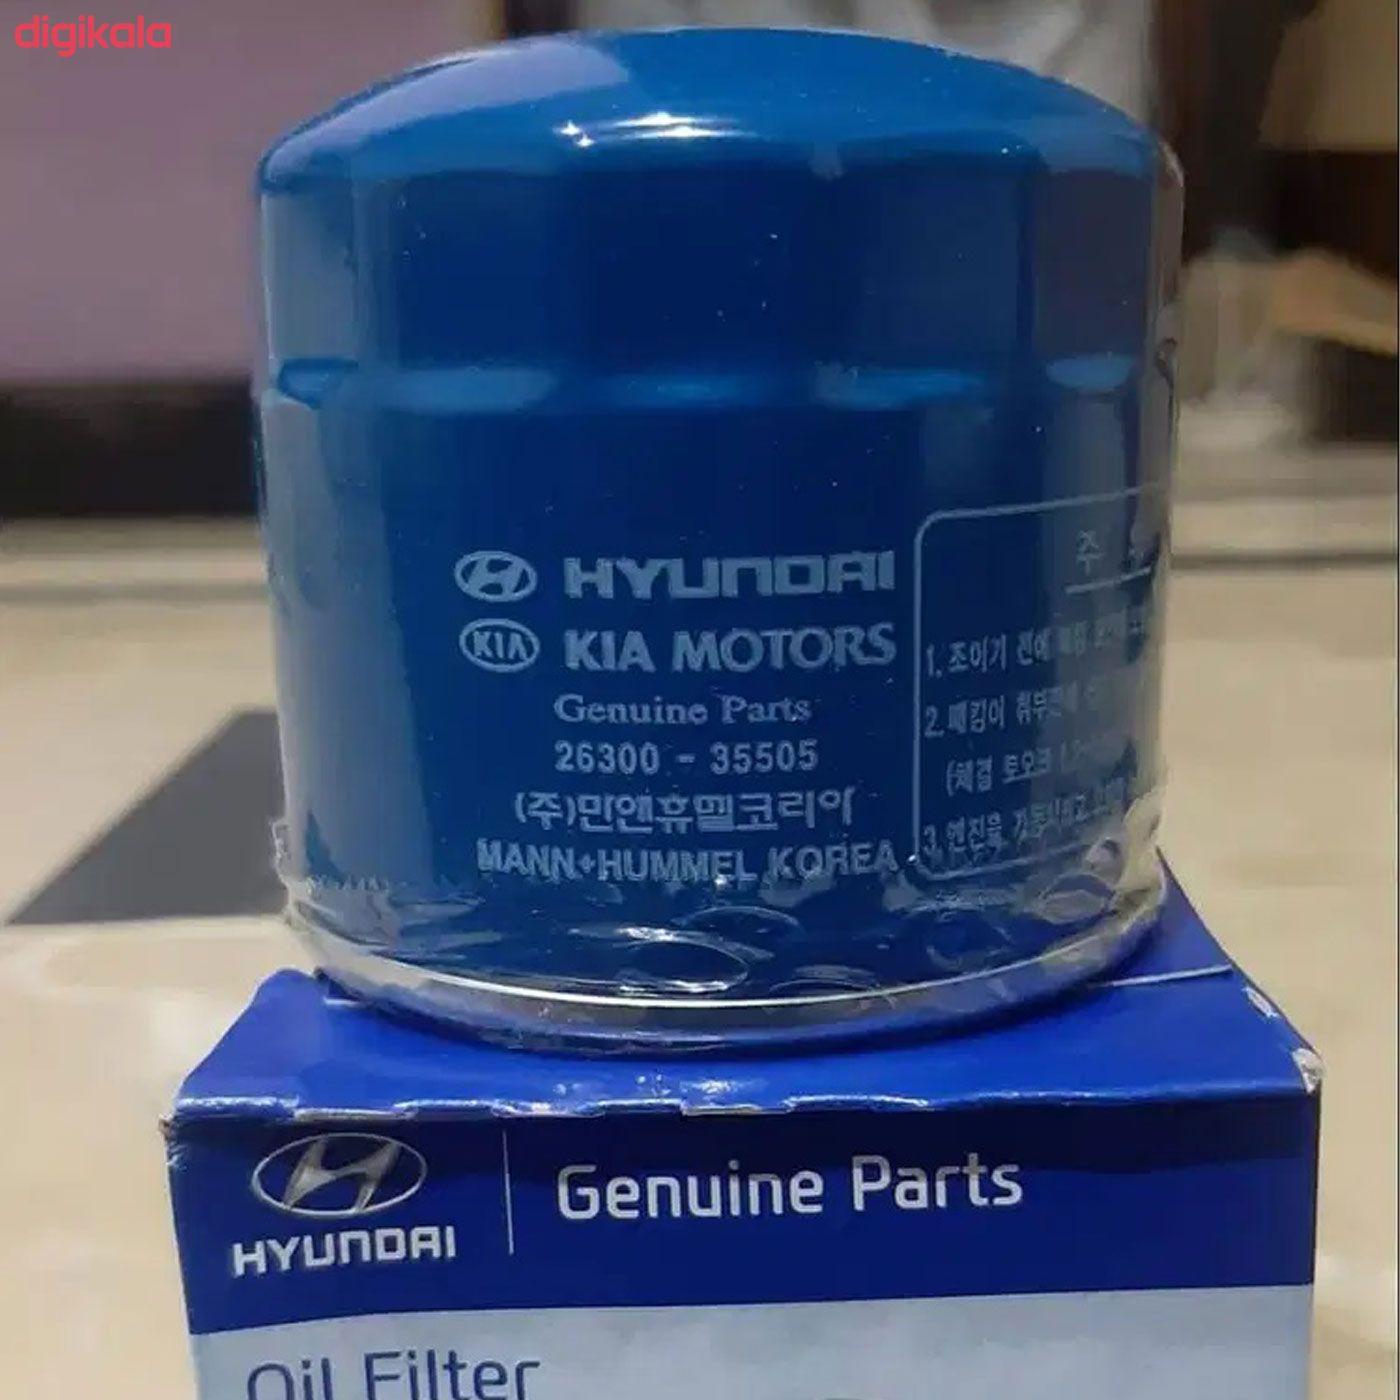 فیلتر روغن خودرو هیوندای جنیون پارتس مدل 35505 مناسب برای هیوندای النترا main 1 3